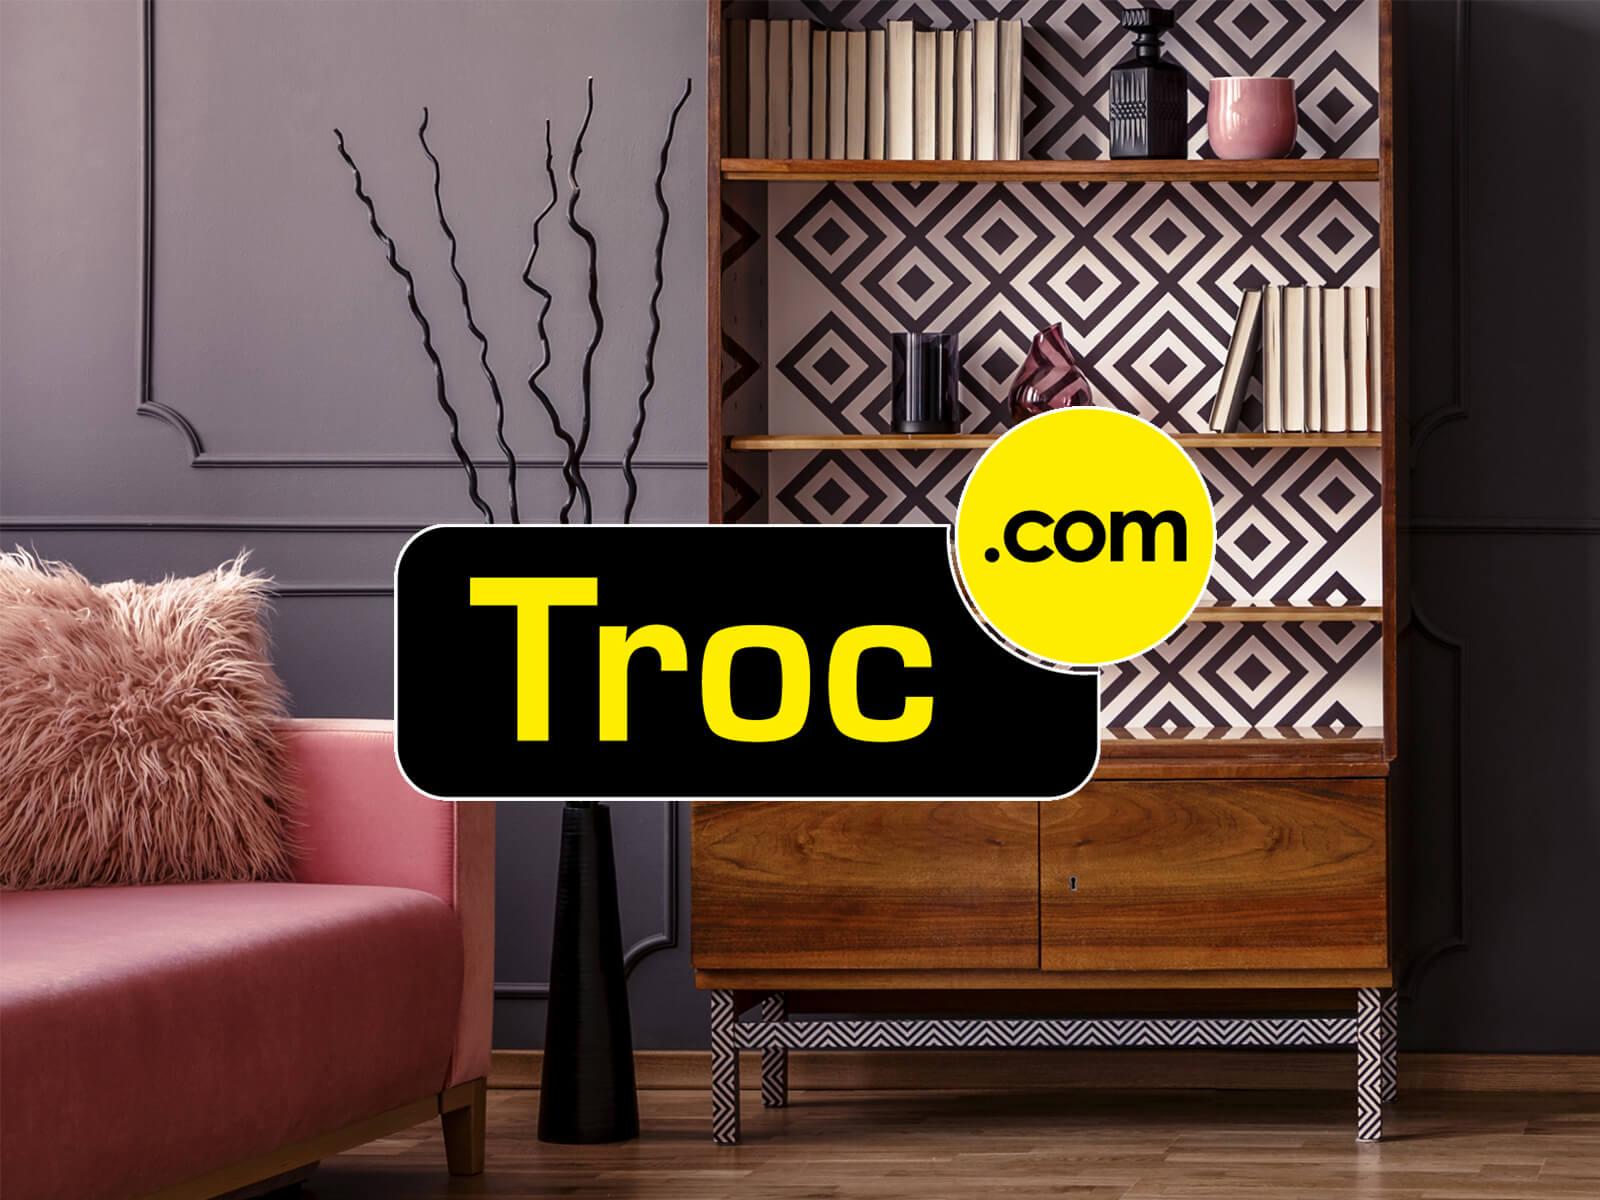 Achat Meubles D'occasion Et Mobilier Professionnel Sur Troc tout Le Bon Coin Salon De Jardin D Occasion